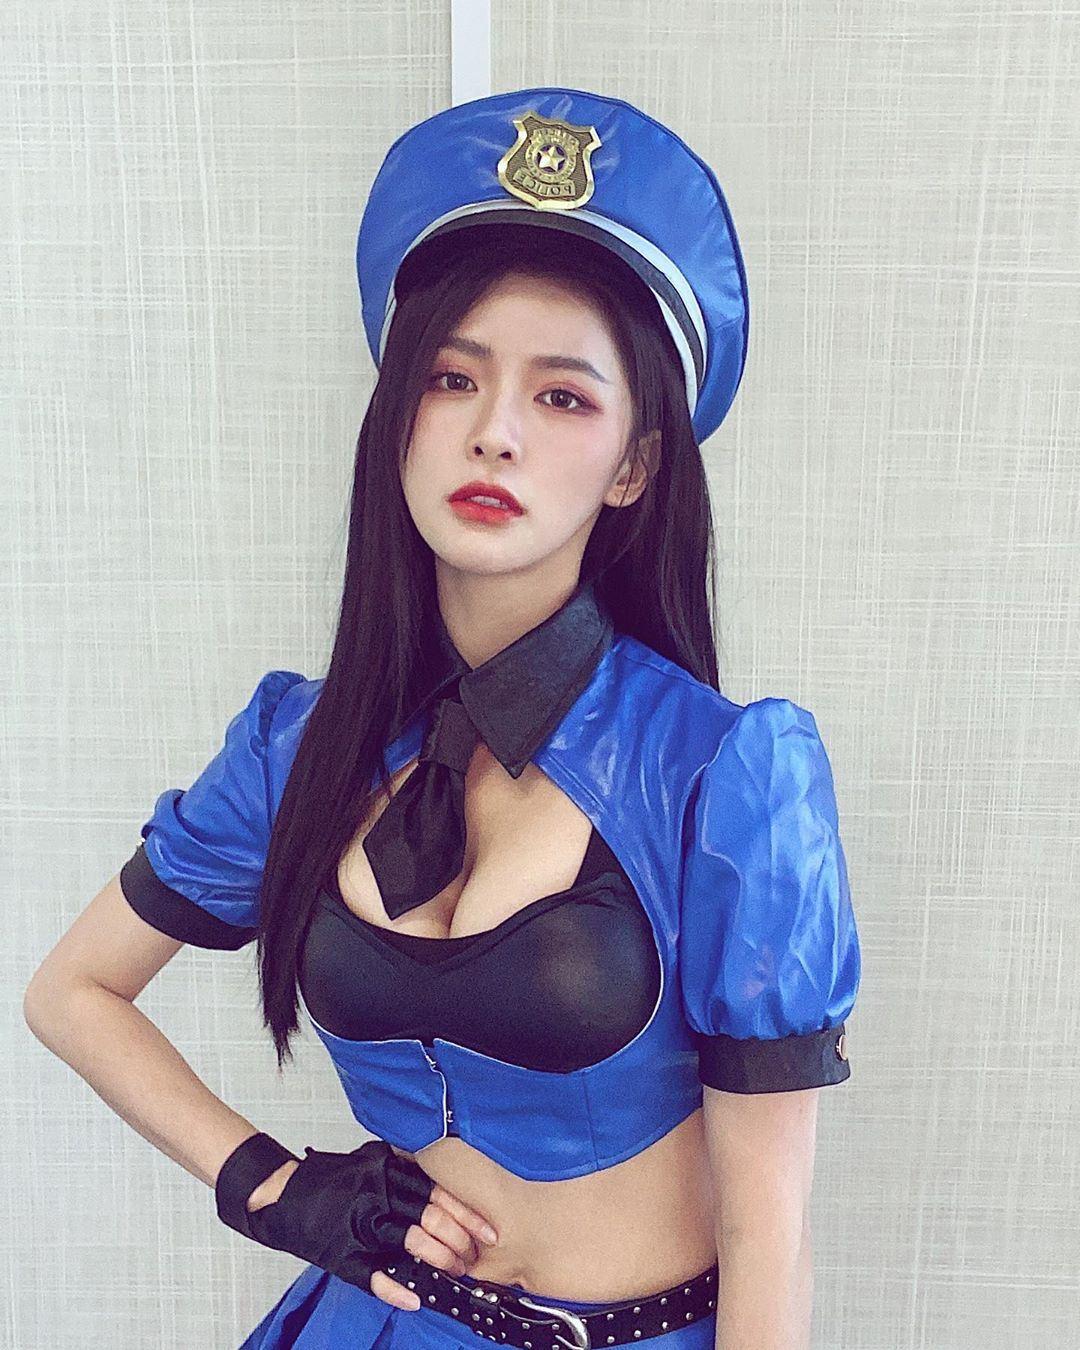 【多图】蔡卓宜大晒性感女警照,网民:快逮捕我吧!